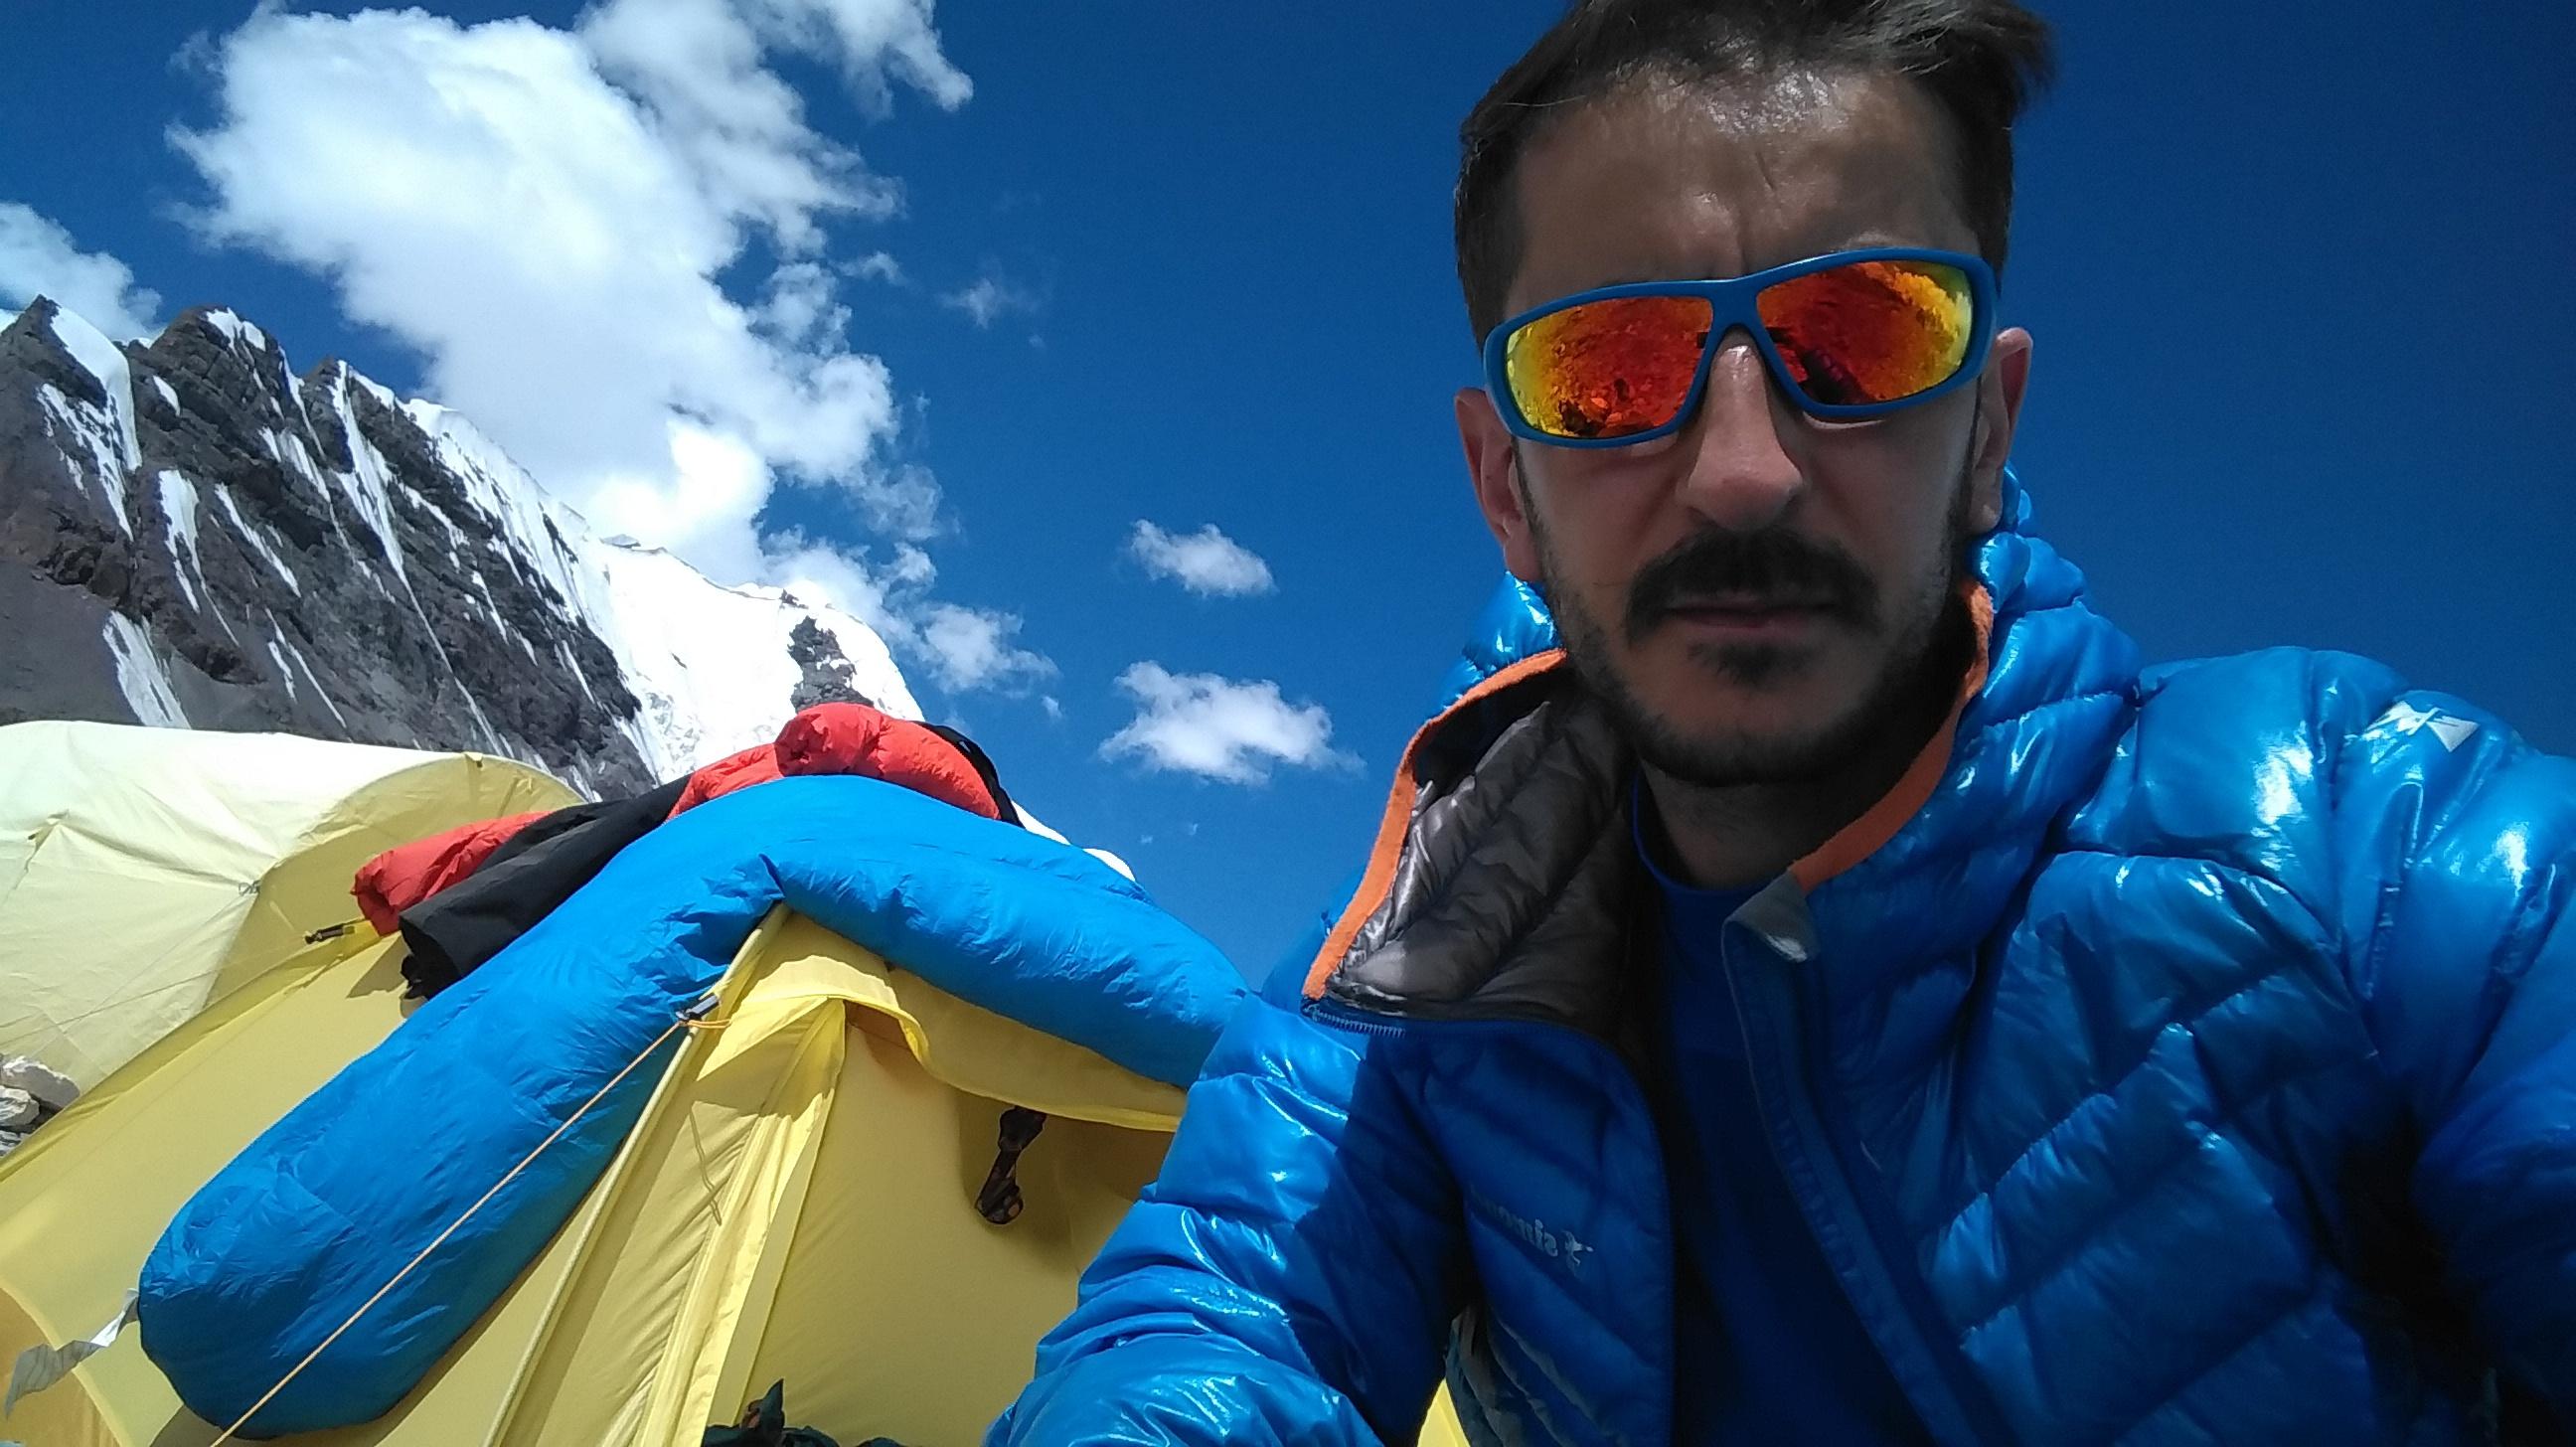 Ana kamp inelçek buzulu (1).jpg